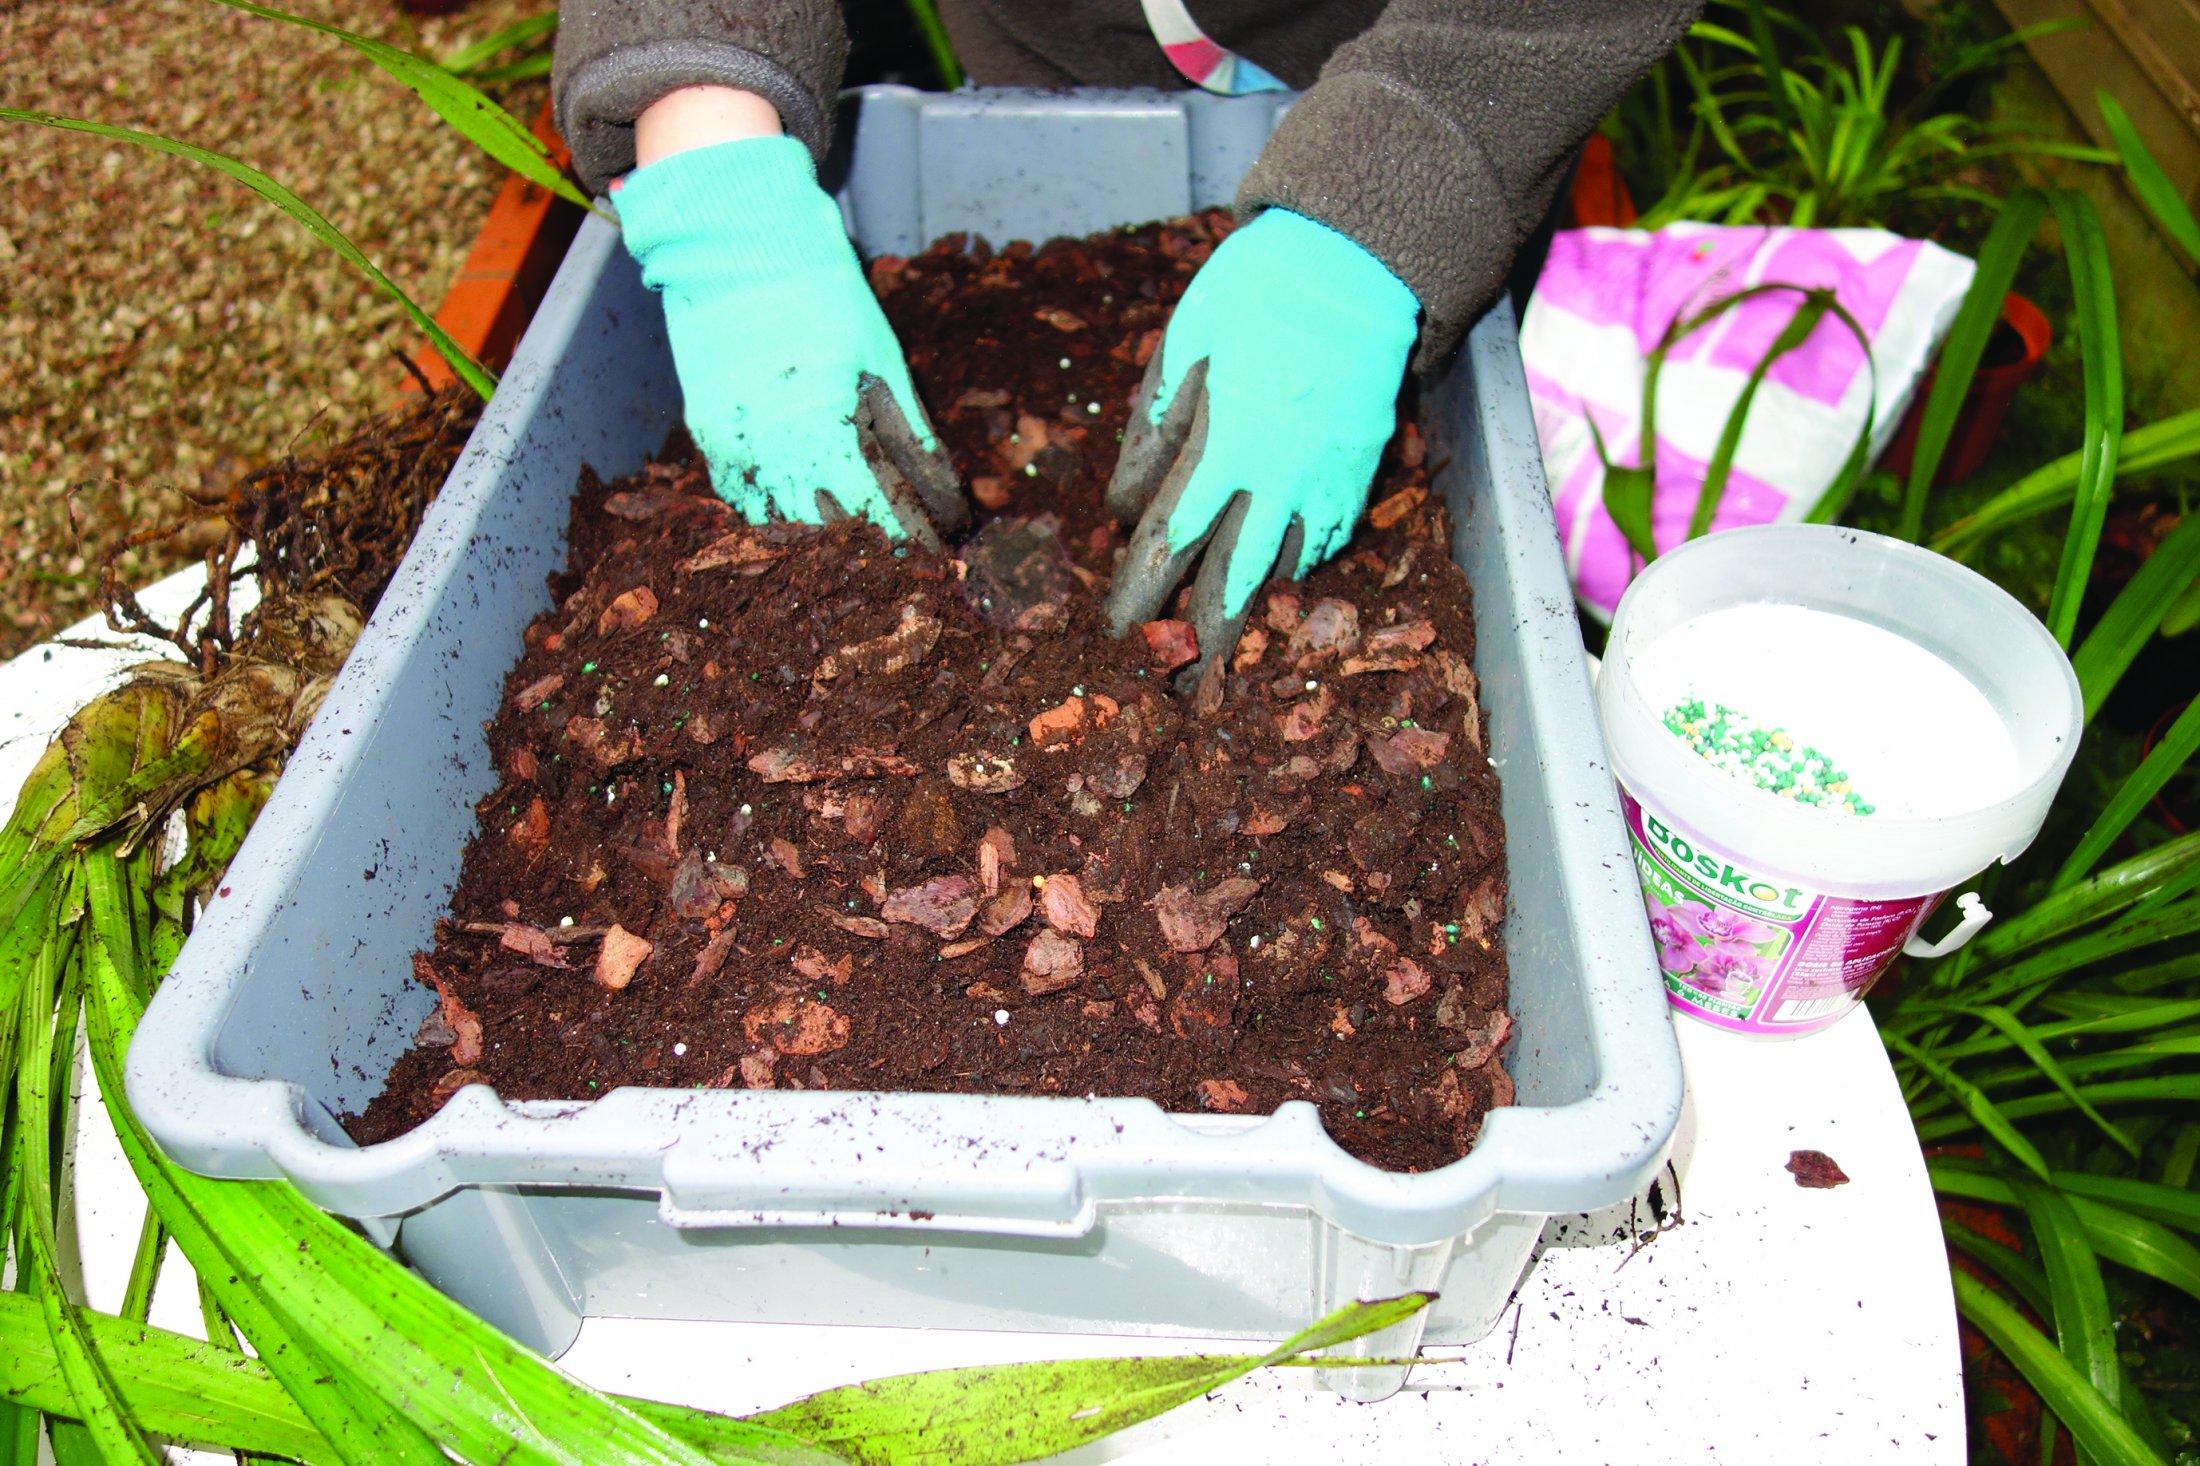 1. Prepara-se o substrato de orquídea; mistura-se adubo granulado de longa libertação.